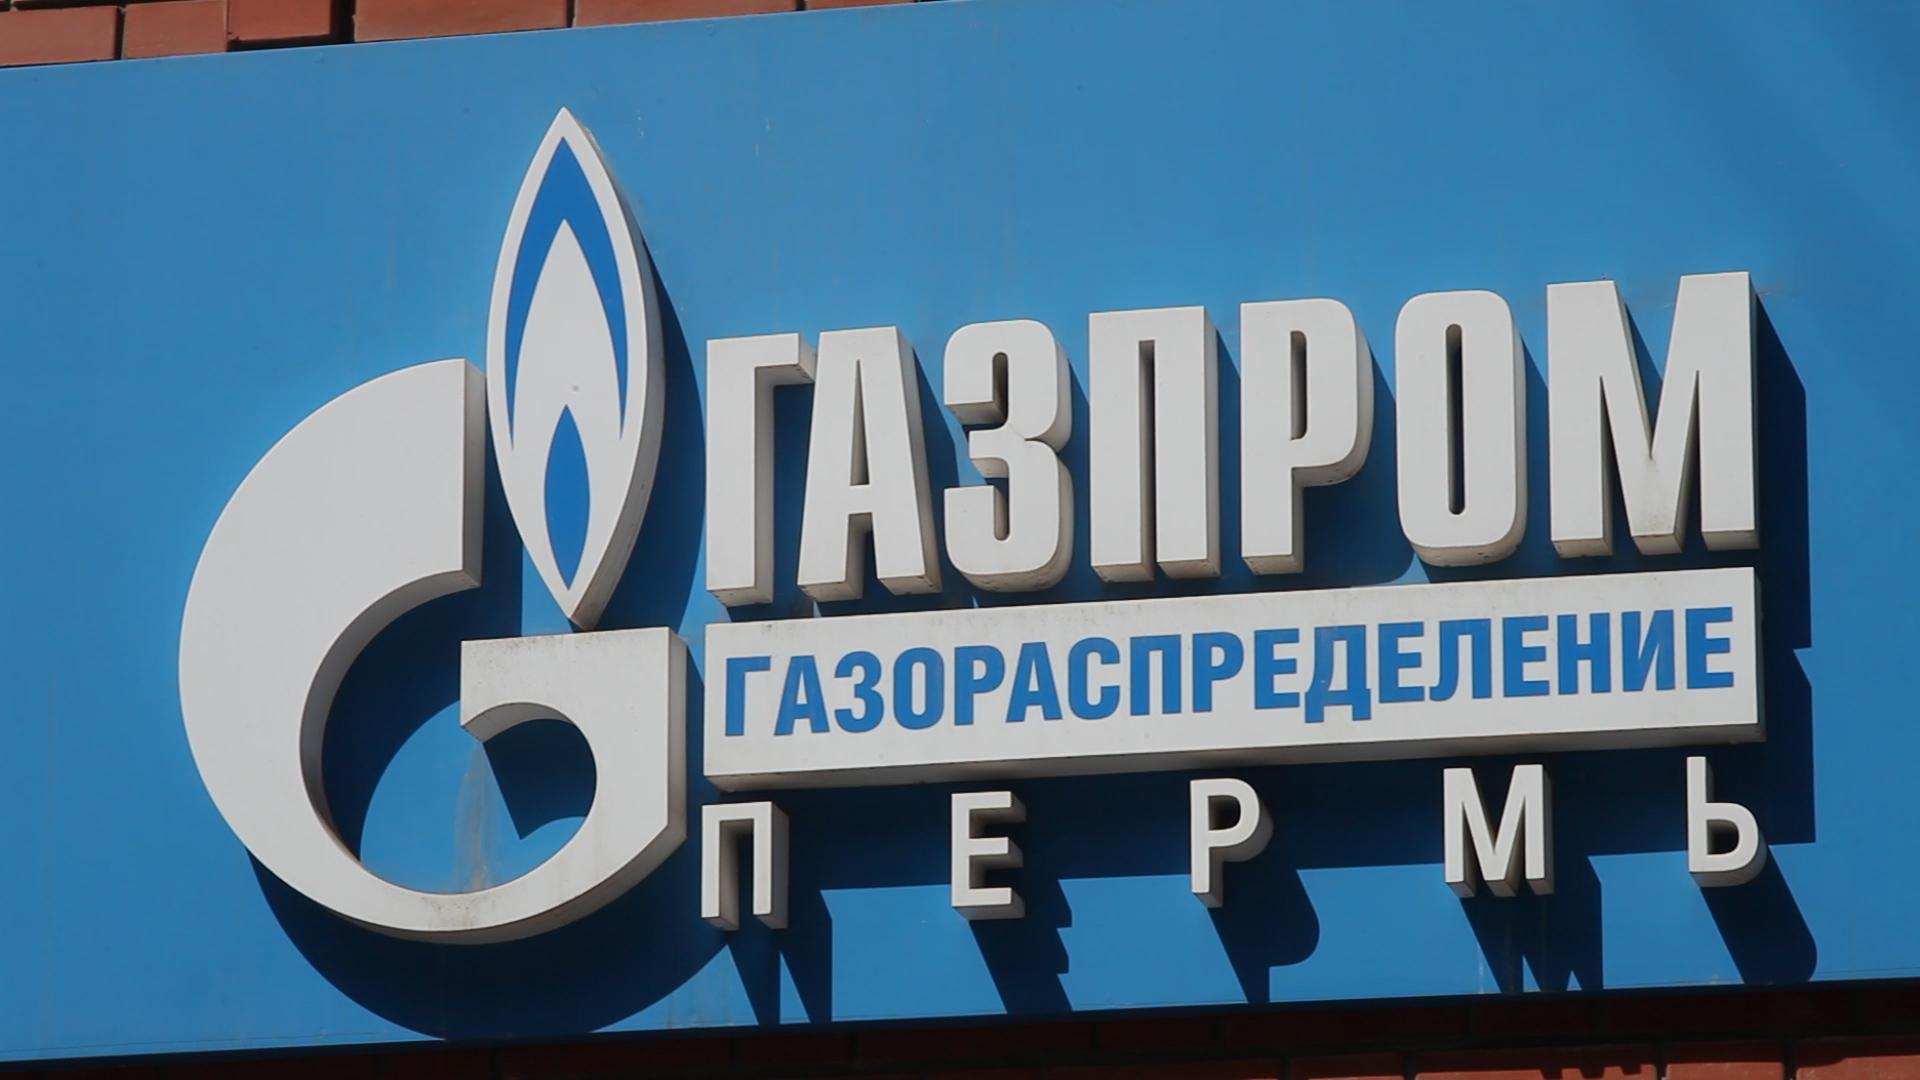 Газпром, коррупция, олигархи, Миллер, Селезнёв, Пермь, Благов, ФАС, схемы, махинации, инстриги, скандалы